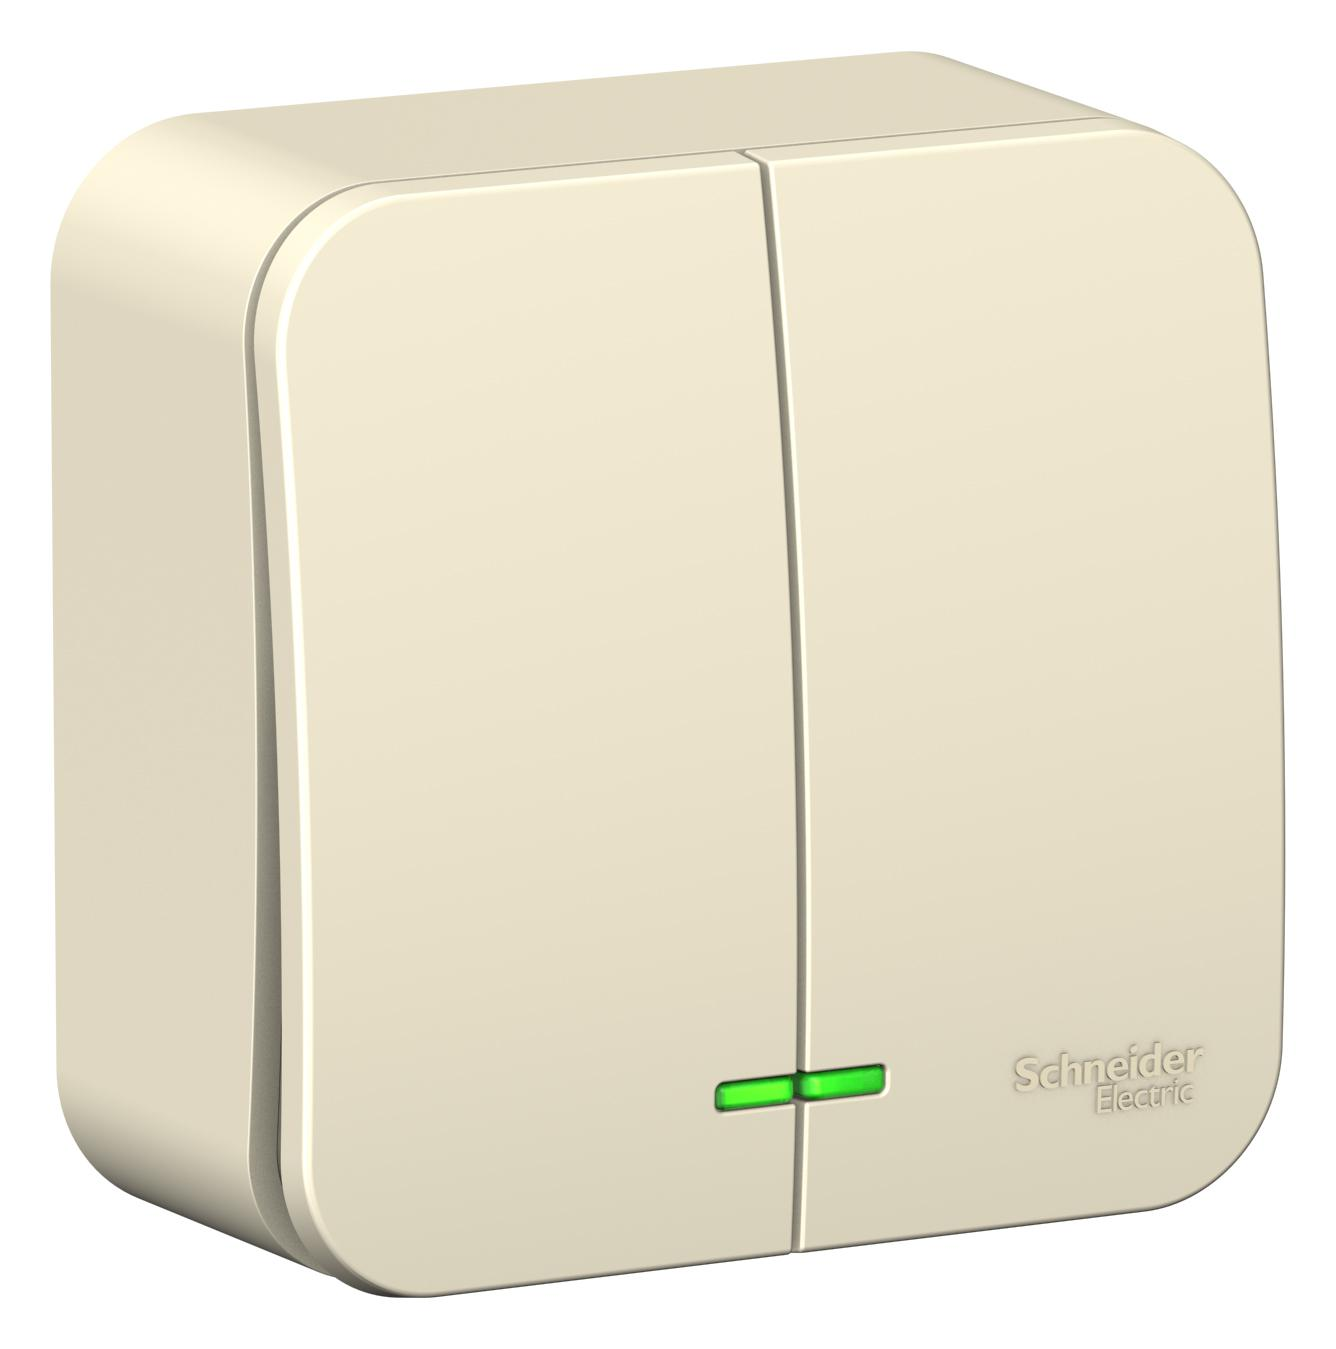 Выключатель Schneider electric Blnva105112 blanca выключатель schneider electric blnva101013 blanca